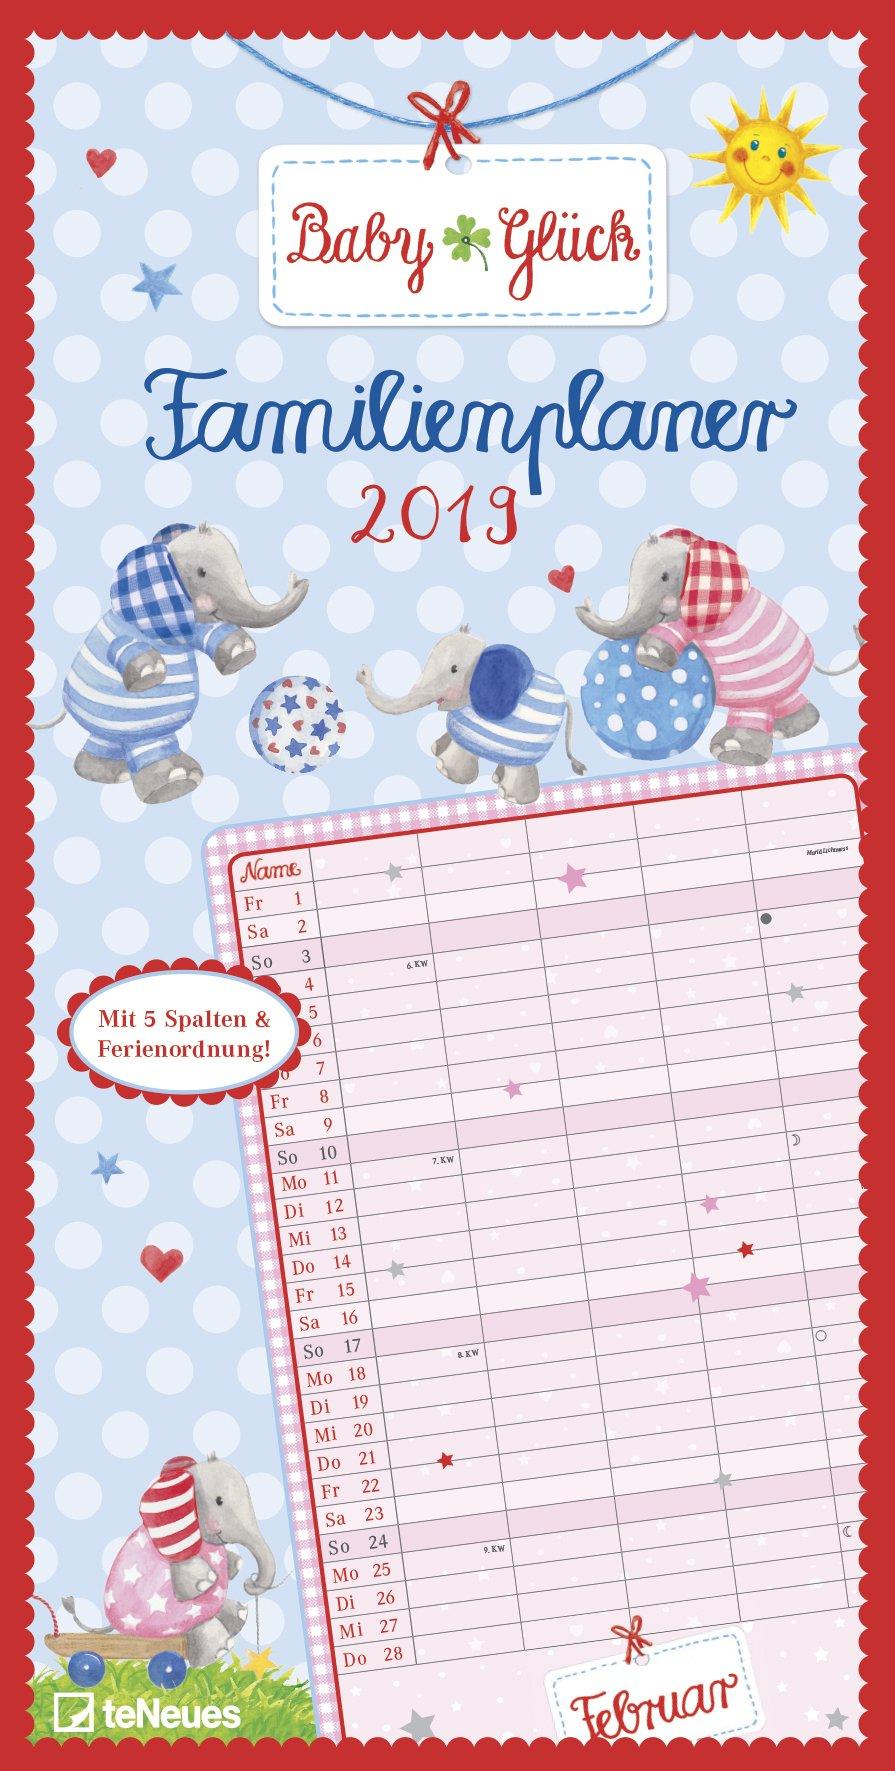 BabyGlück 2019 - Wandkalender, Spaltenkalender, Familientermine  -  23 x 45,5 cm